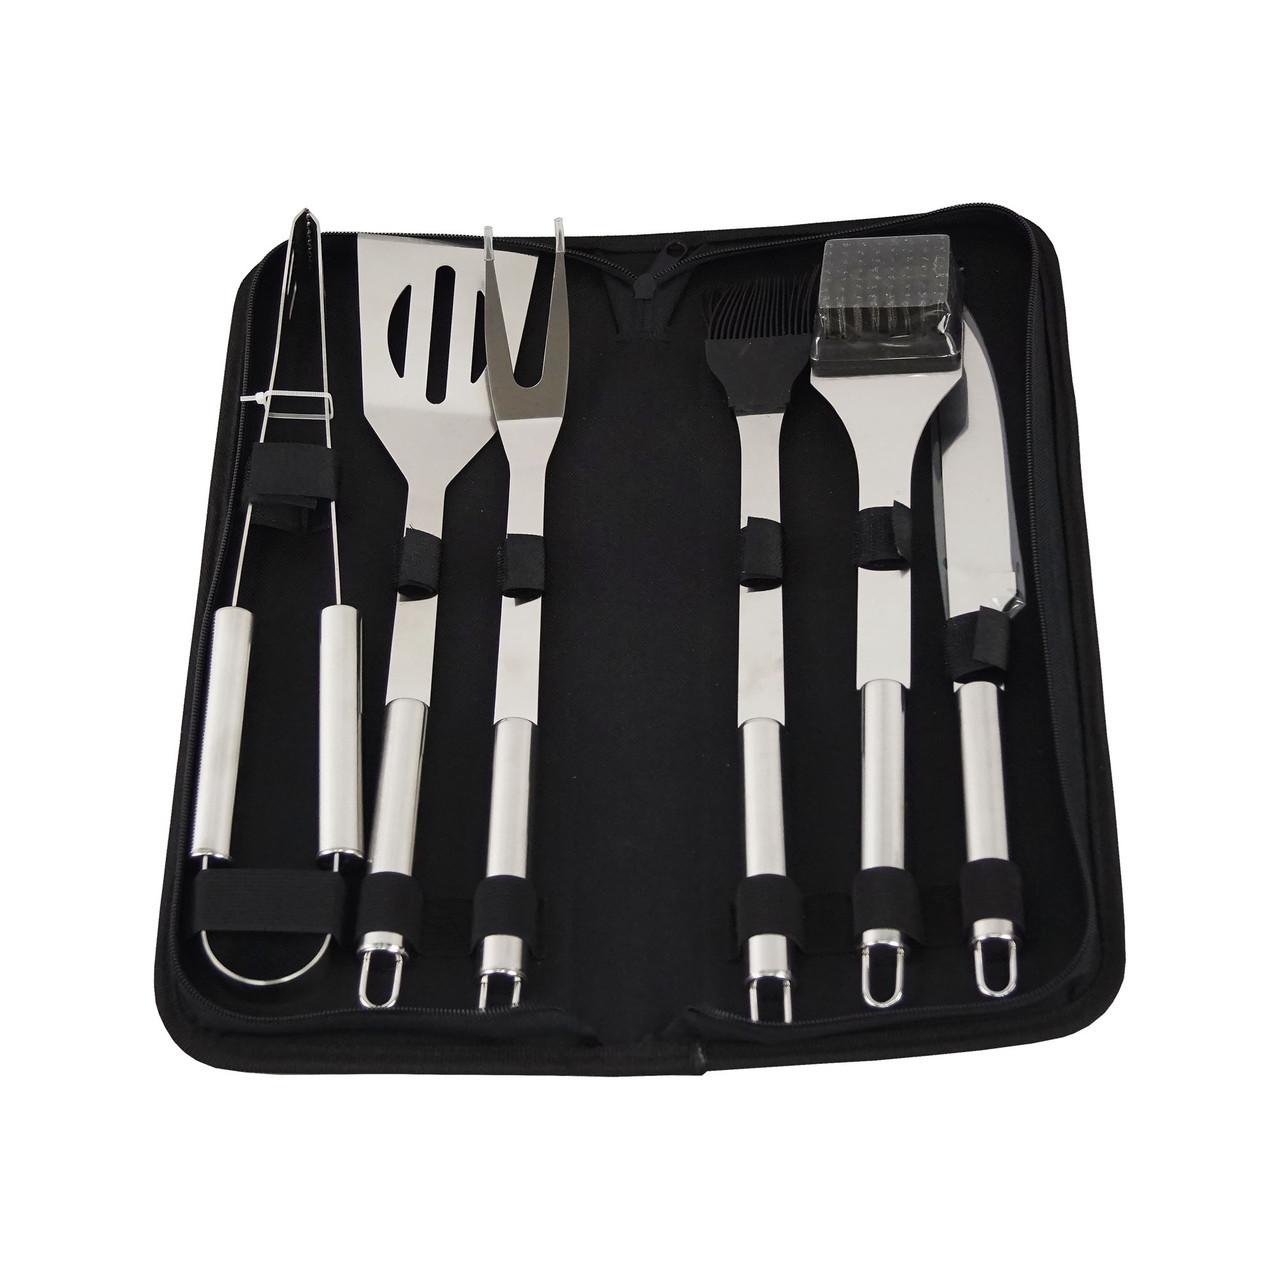 Набор инструментов для барбекю 6 предметов